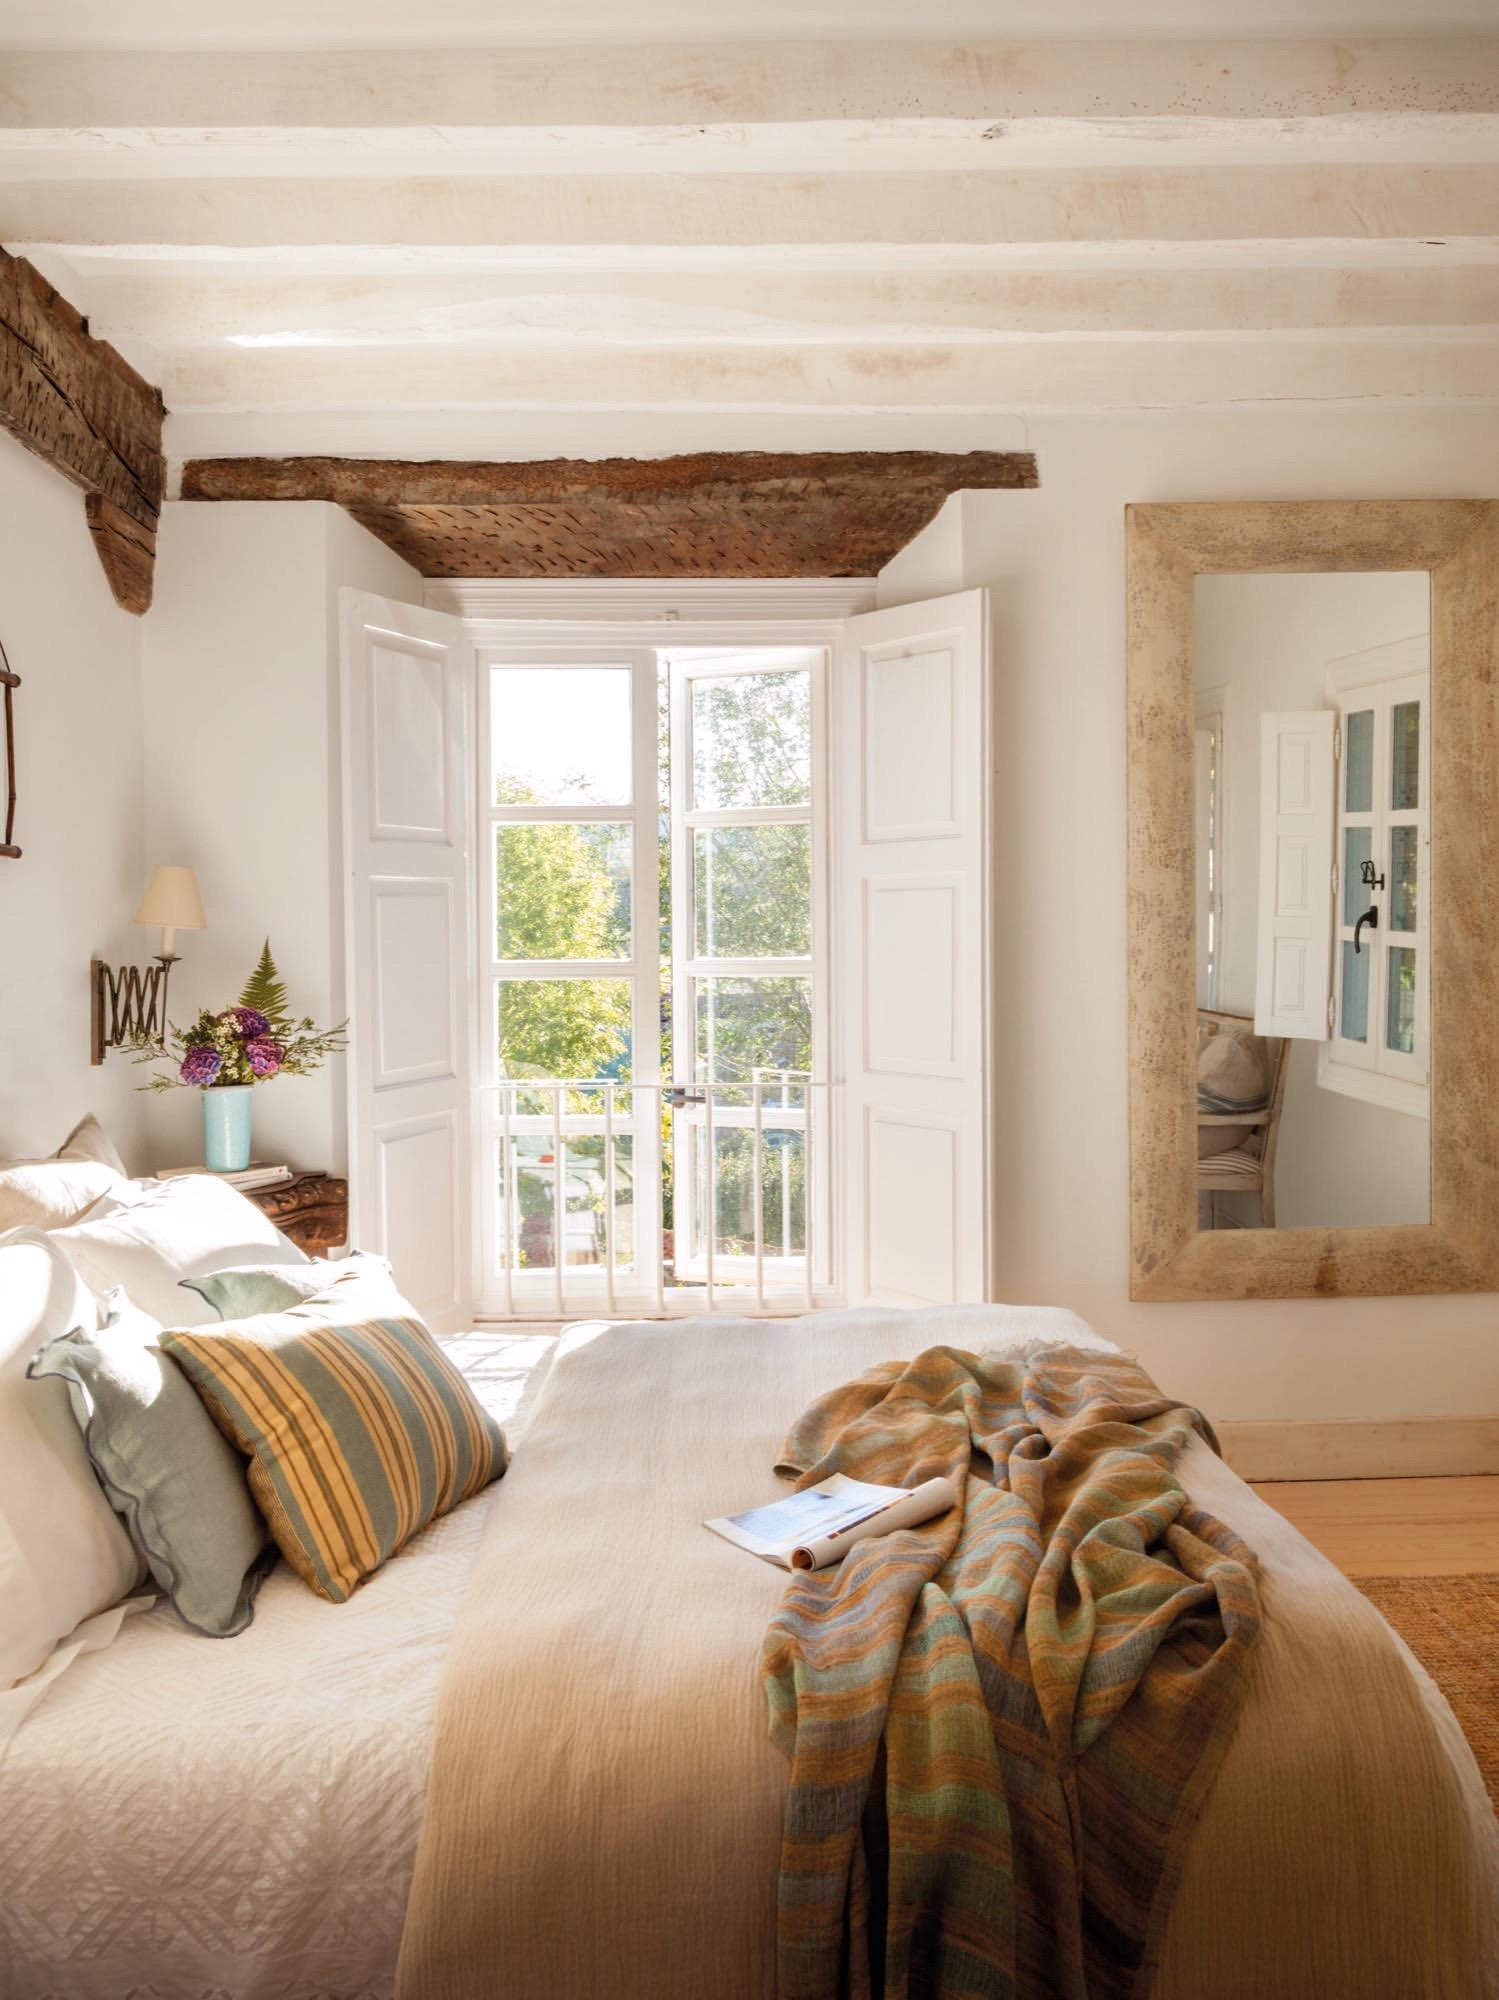 dormitorio en una casa rustica con vigas de madera